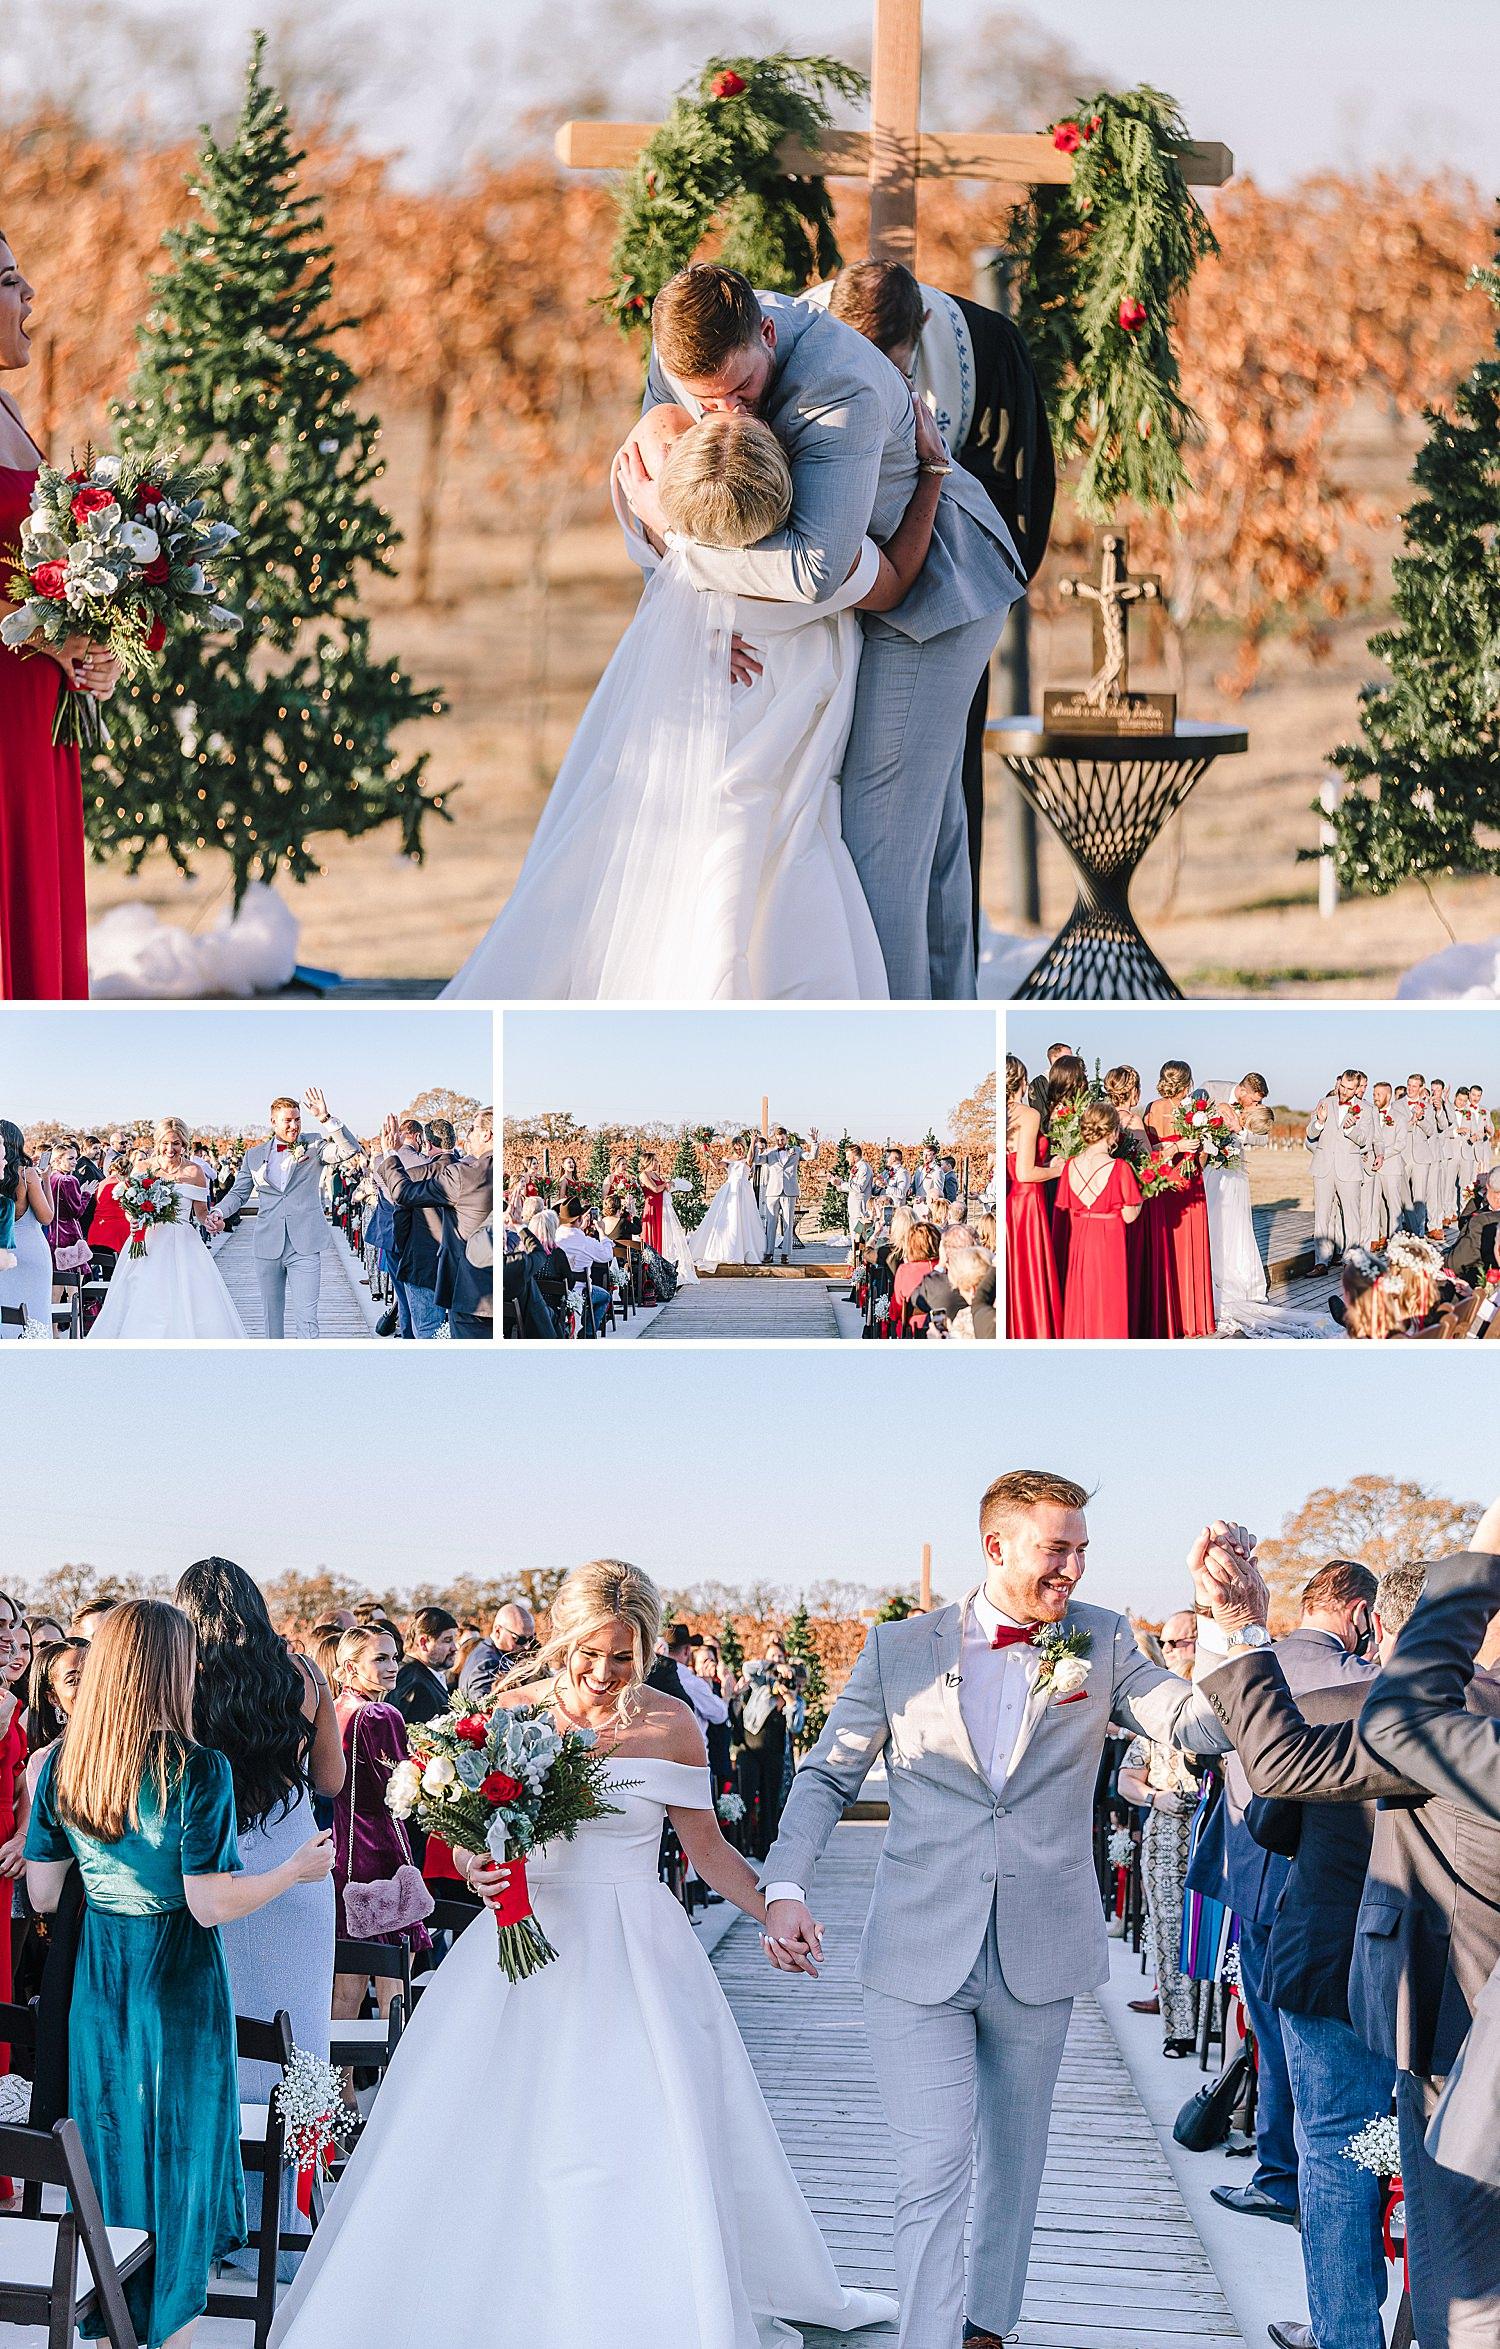 College-Station-Aggie-Wedding-The-Weinberg-at-Wixon-Valley-Christmas-Hallmark-Wedding_0057.jpg